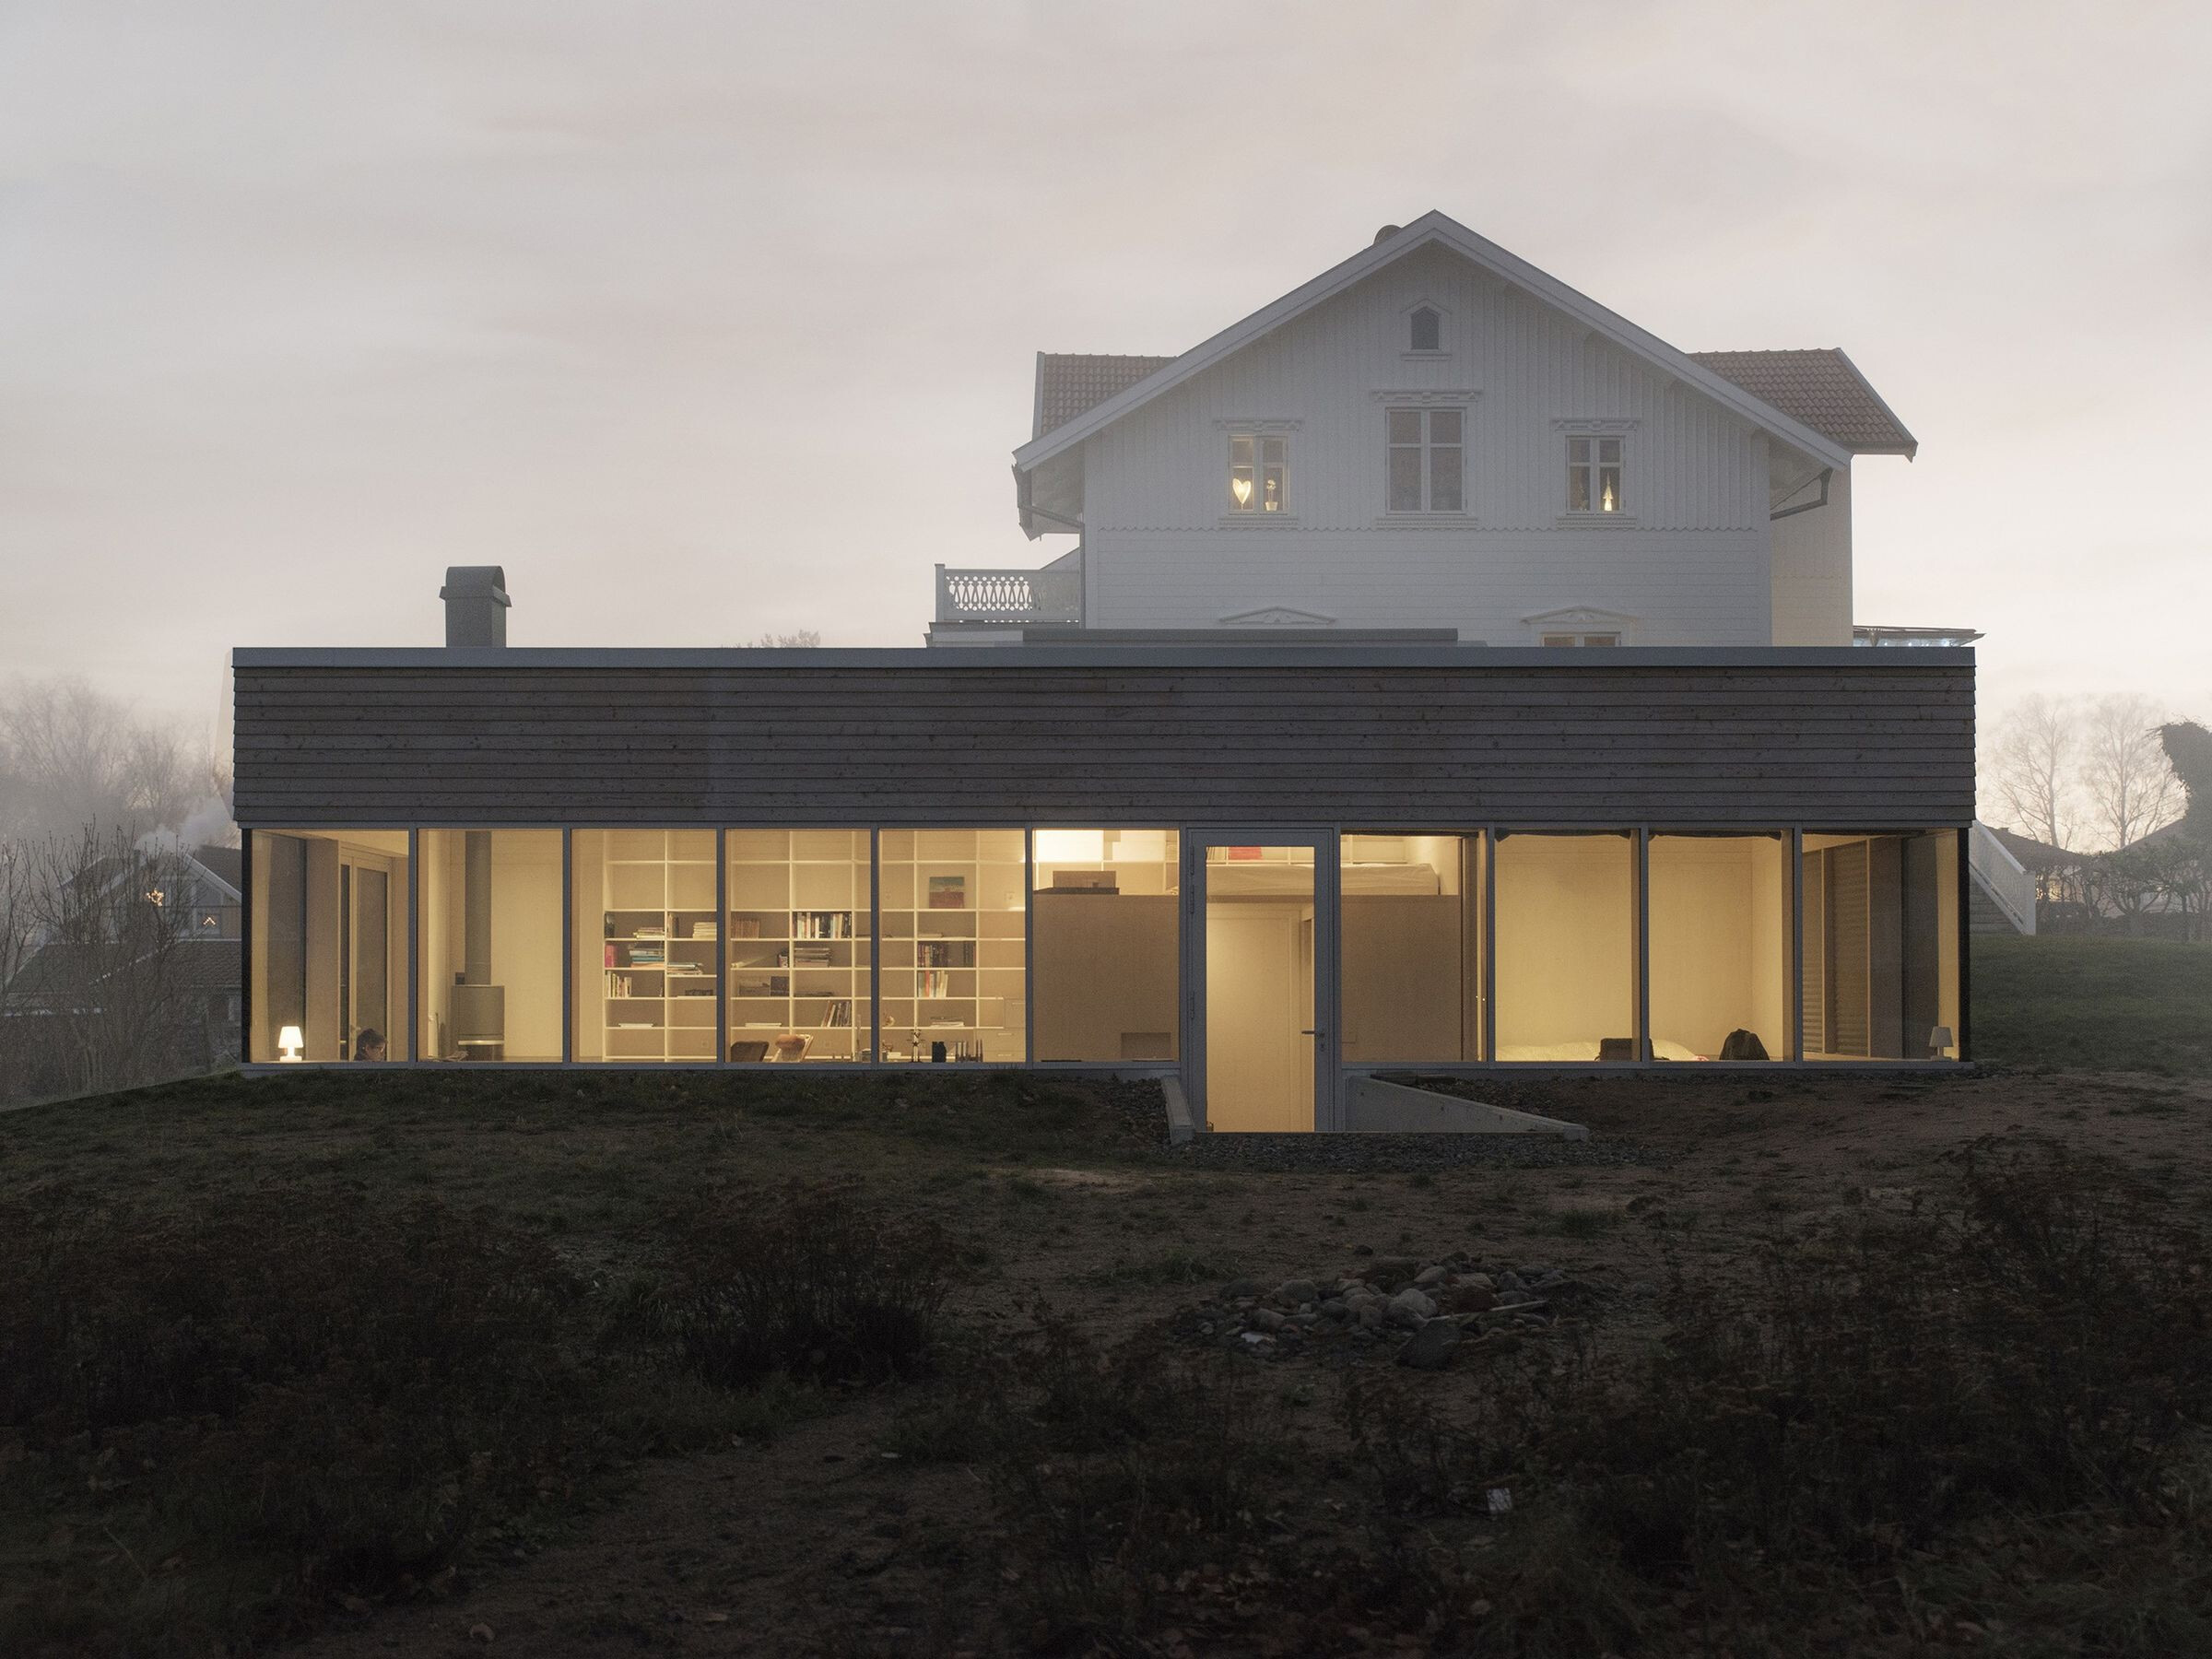 Enen house